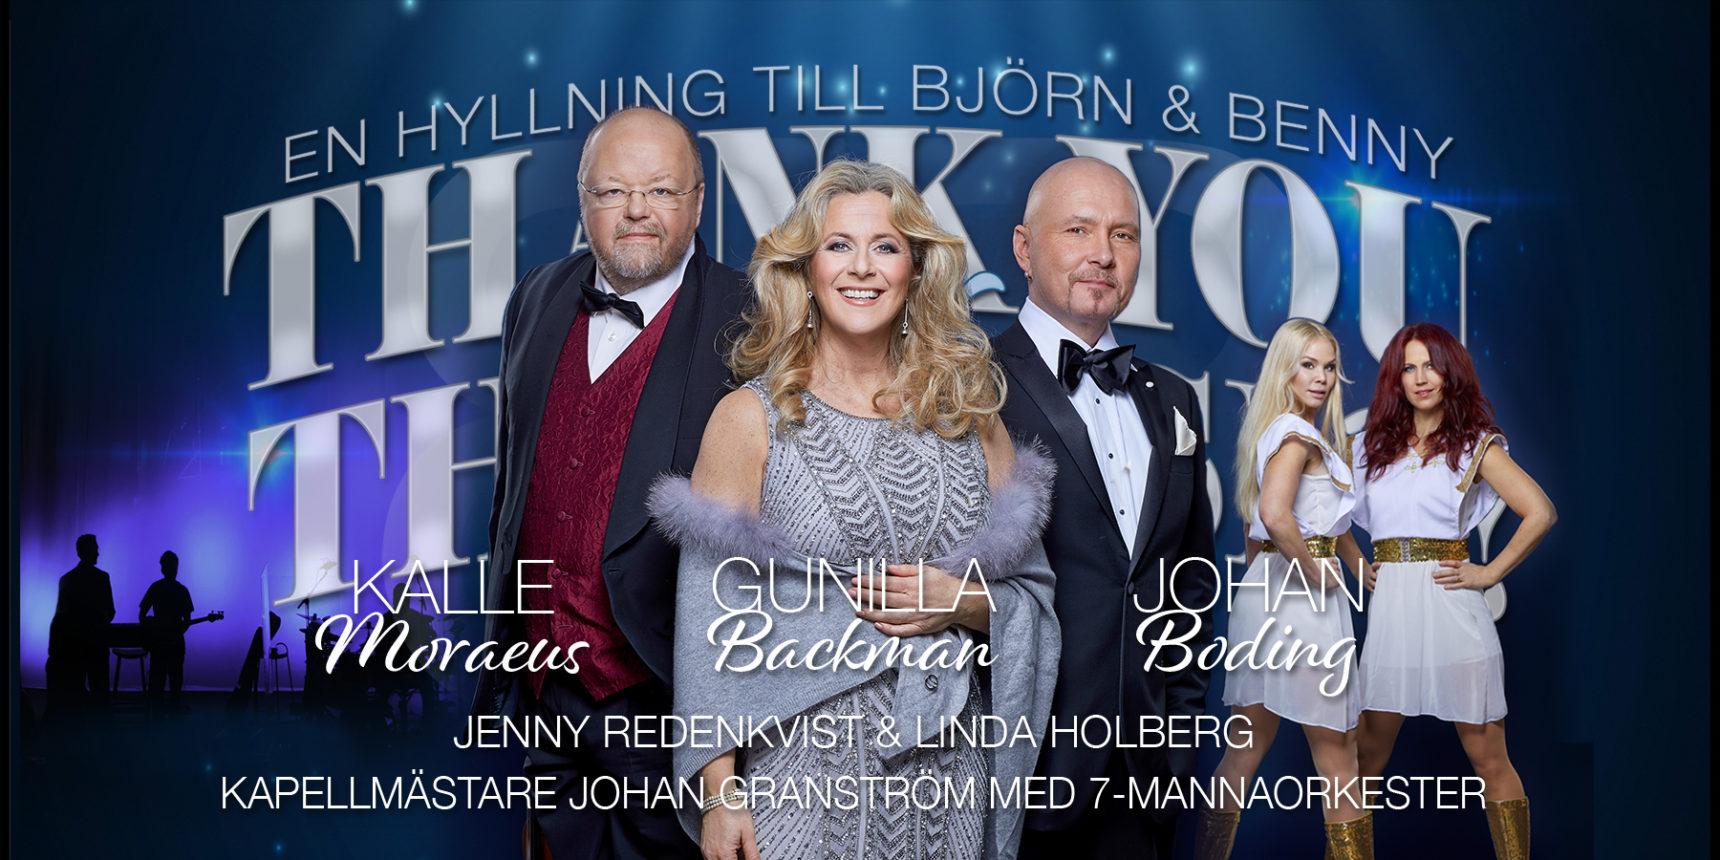 Bildresultat för thank you for the music karlstad